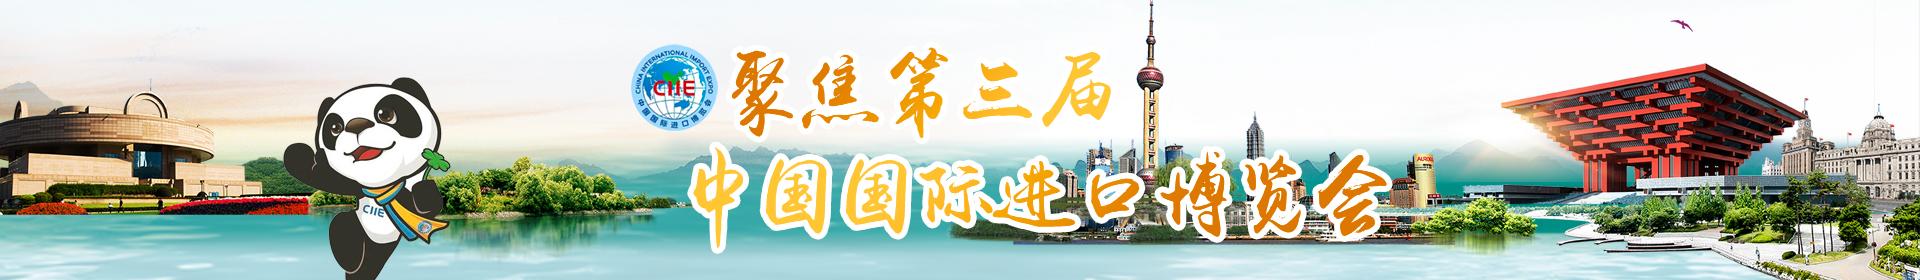 聚焦第三届中国国际进口博览会